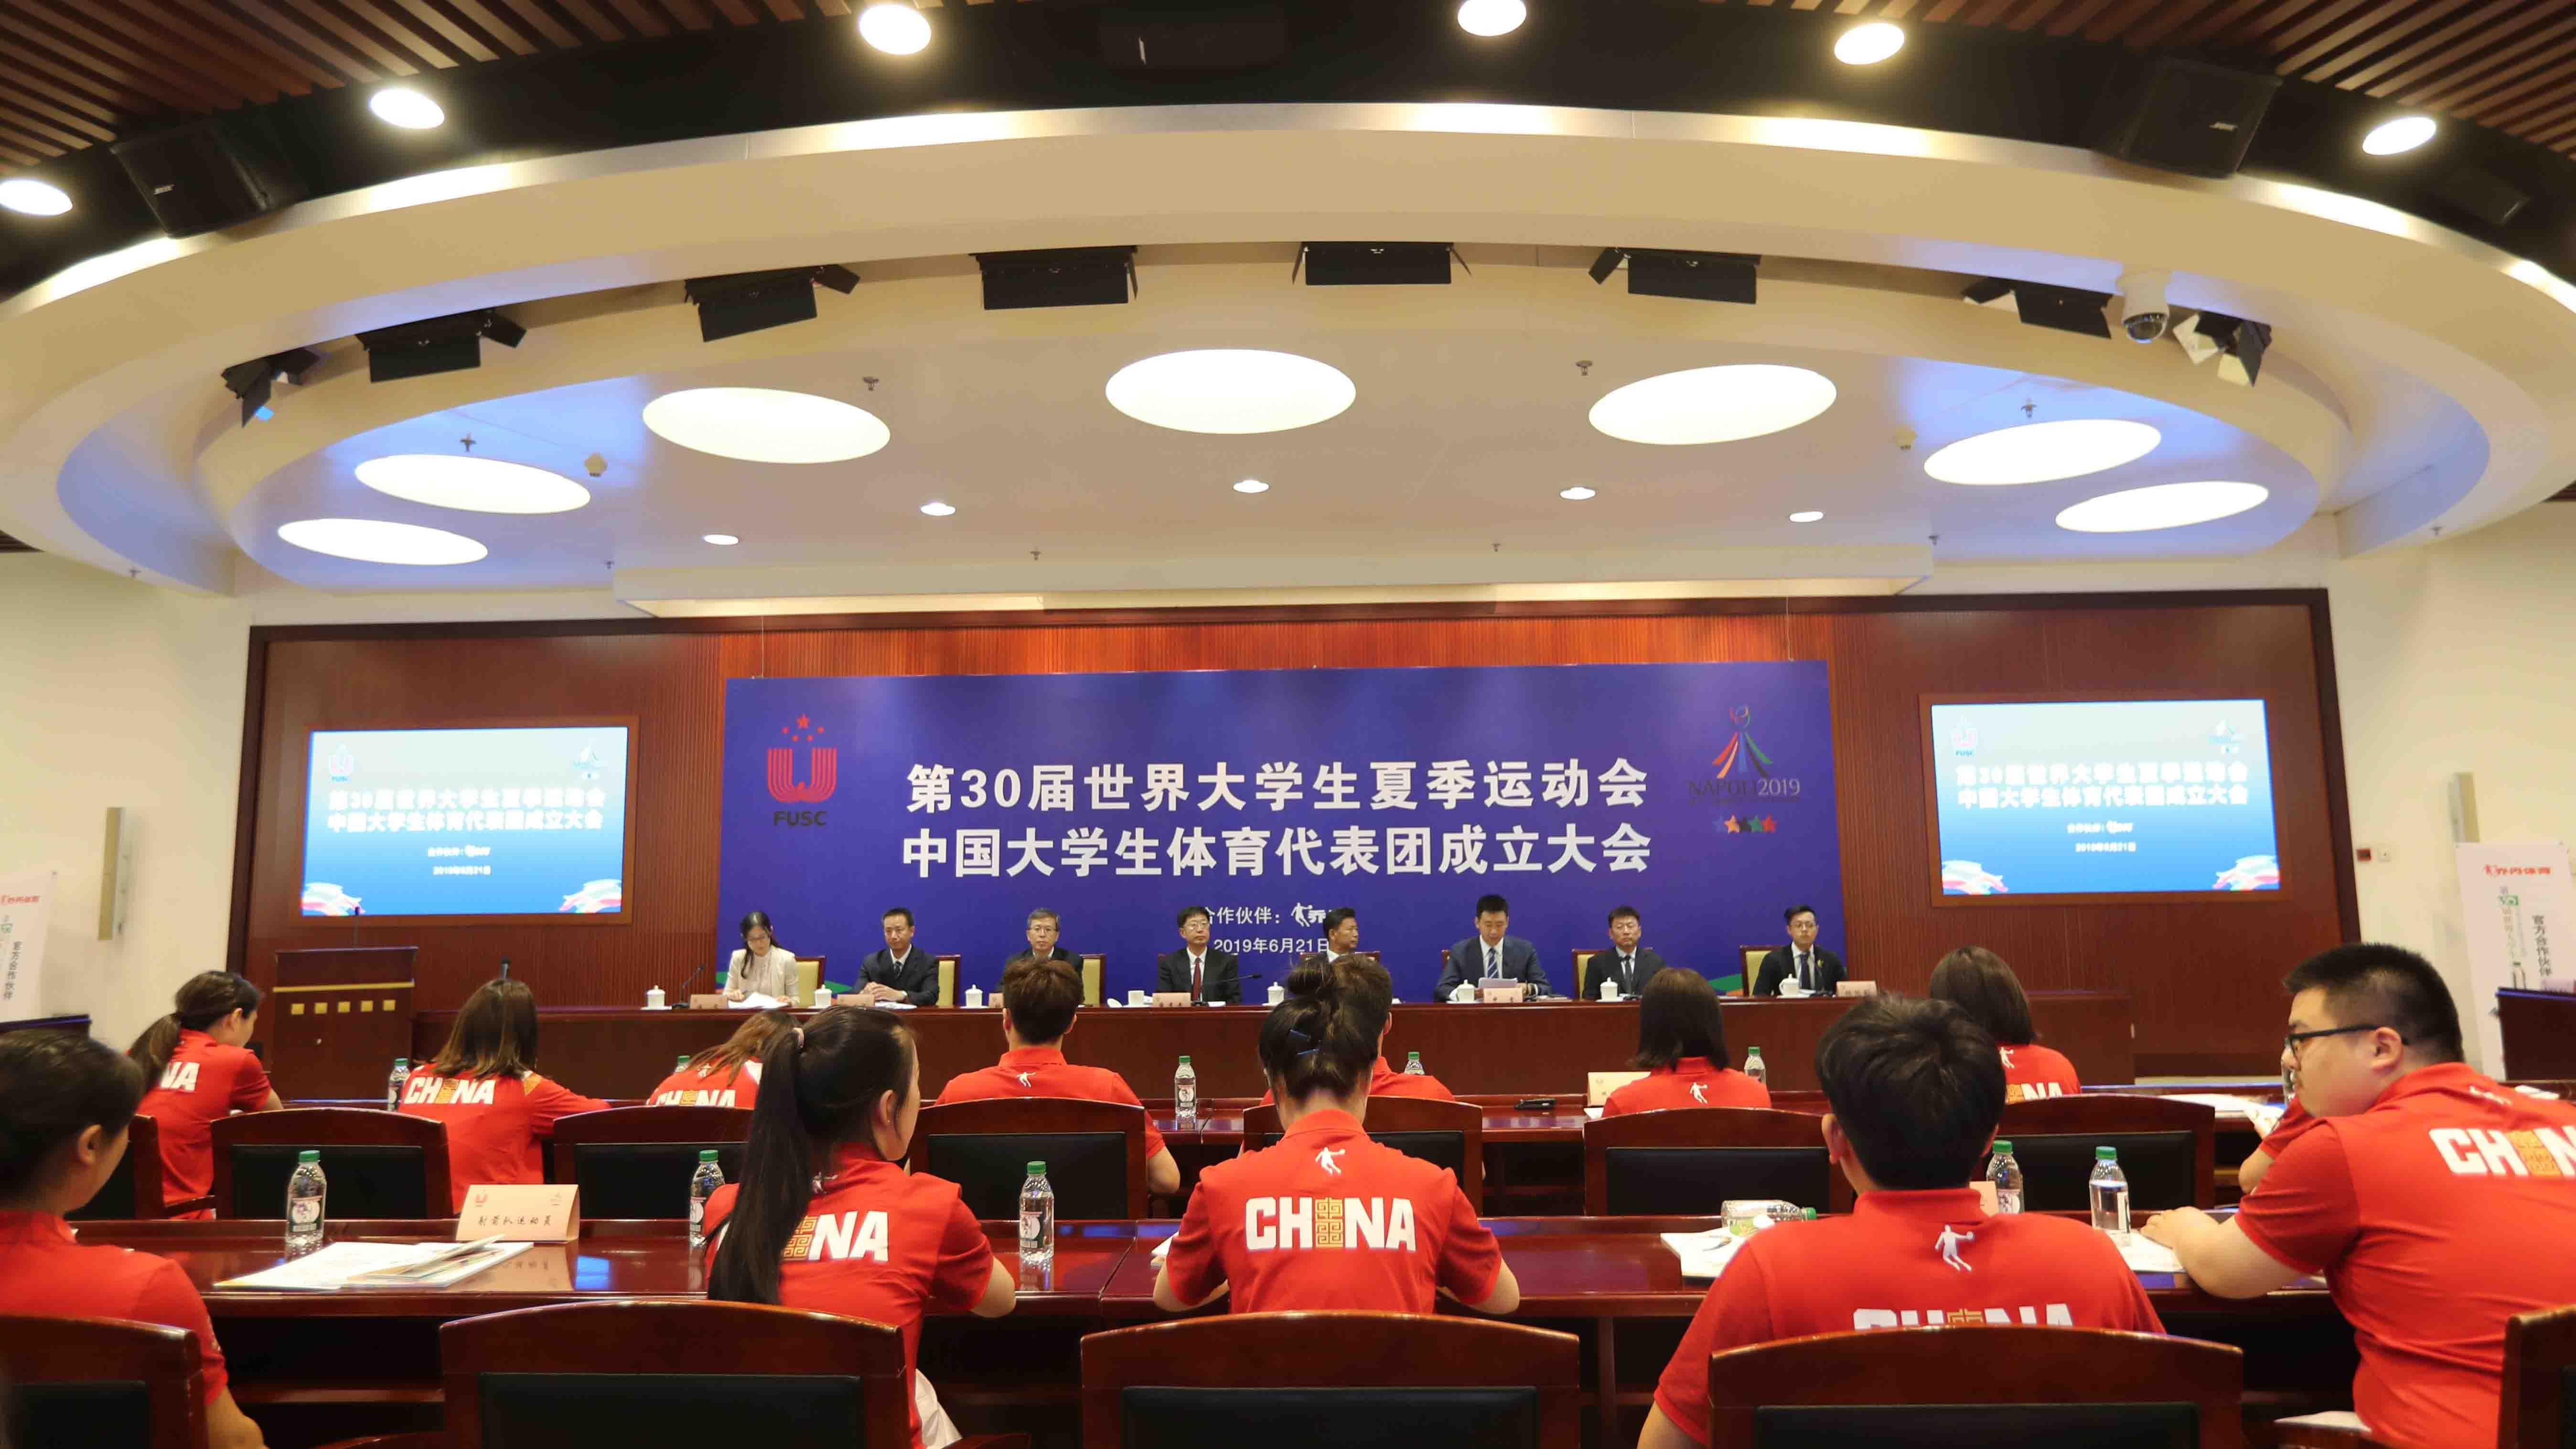 视频报道 | 第30届世界大学生夏季运动会中国大学生体育代表团成立大会在教育部举行